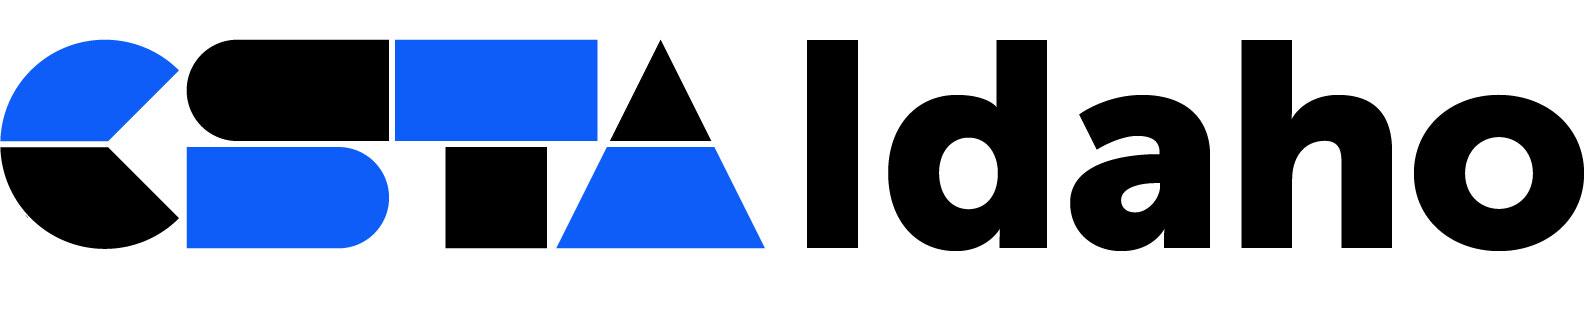 CSTA Idaho logo